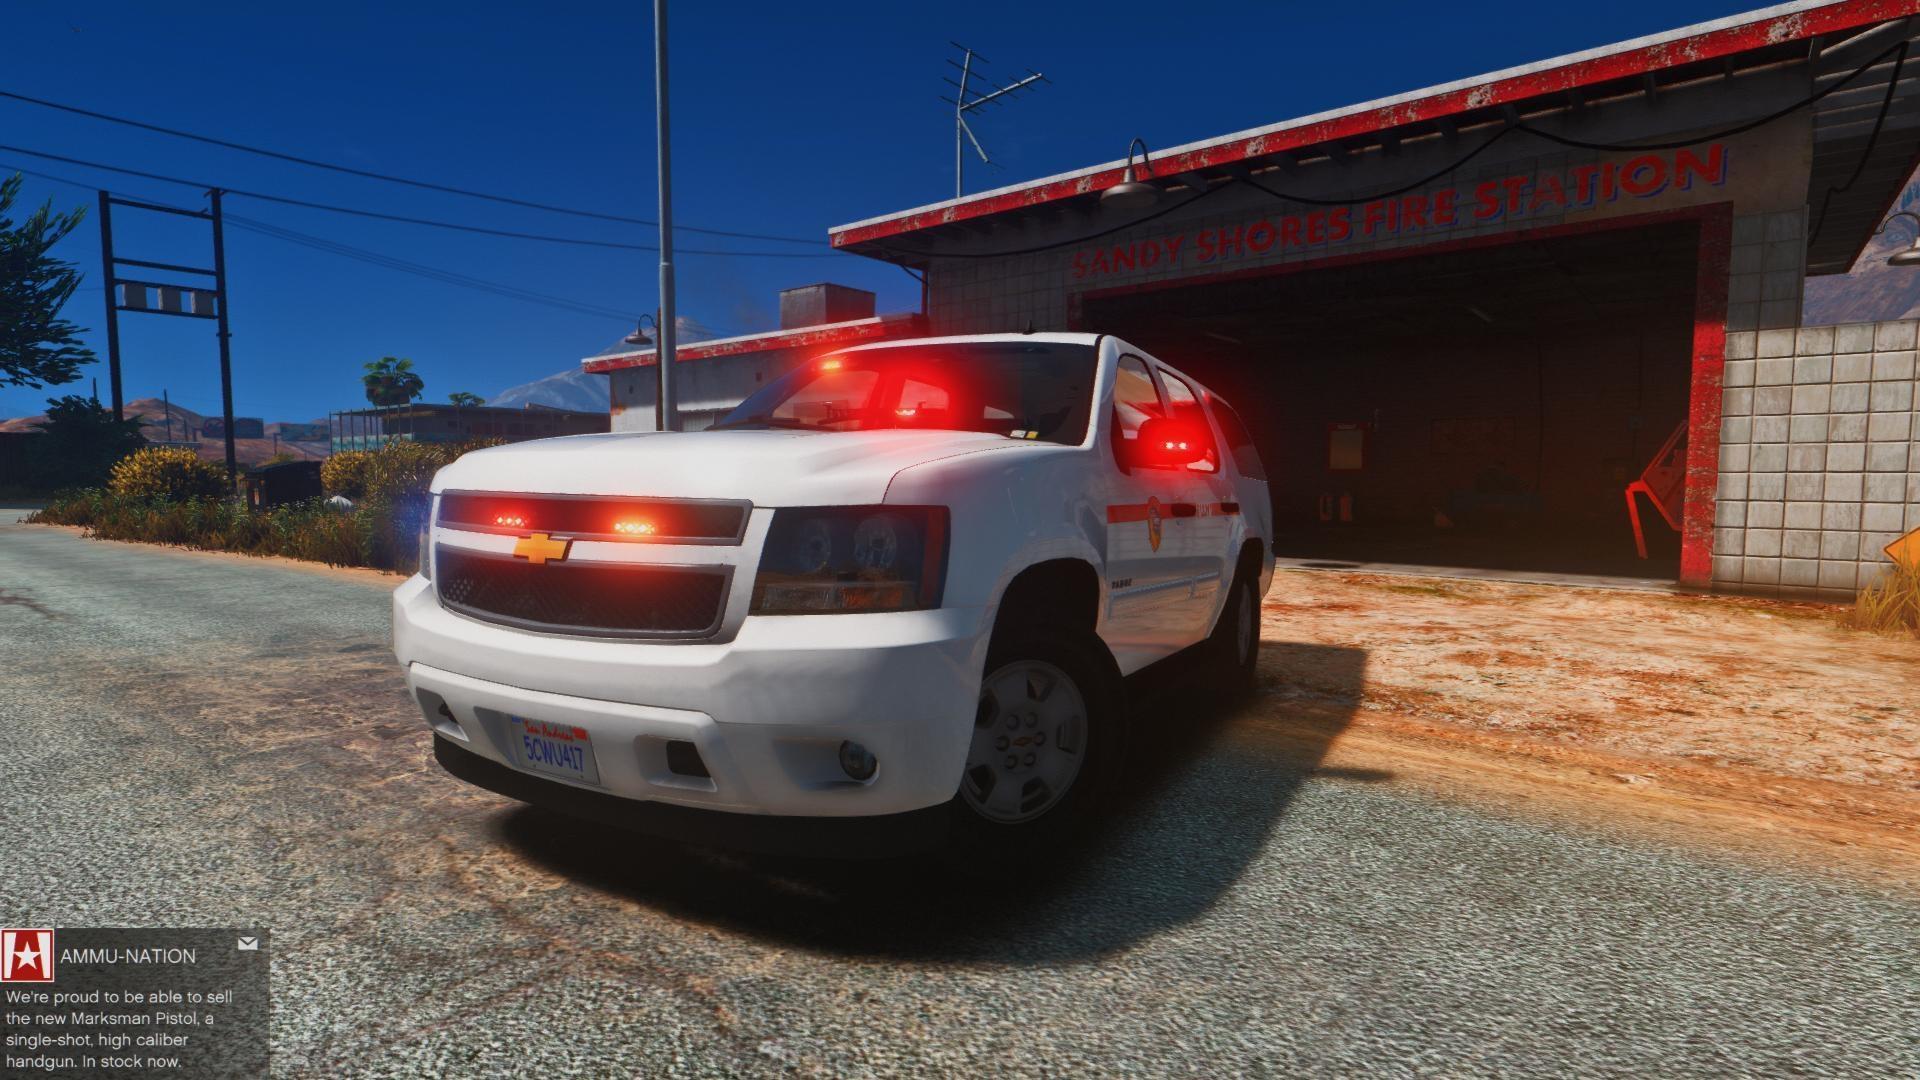 Chevy Tahoe - Fire - GTA5-Mods.com